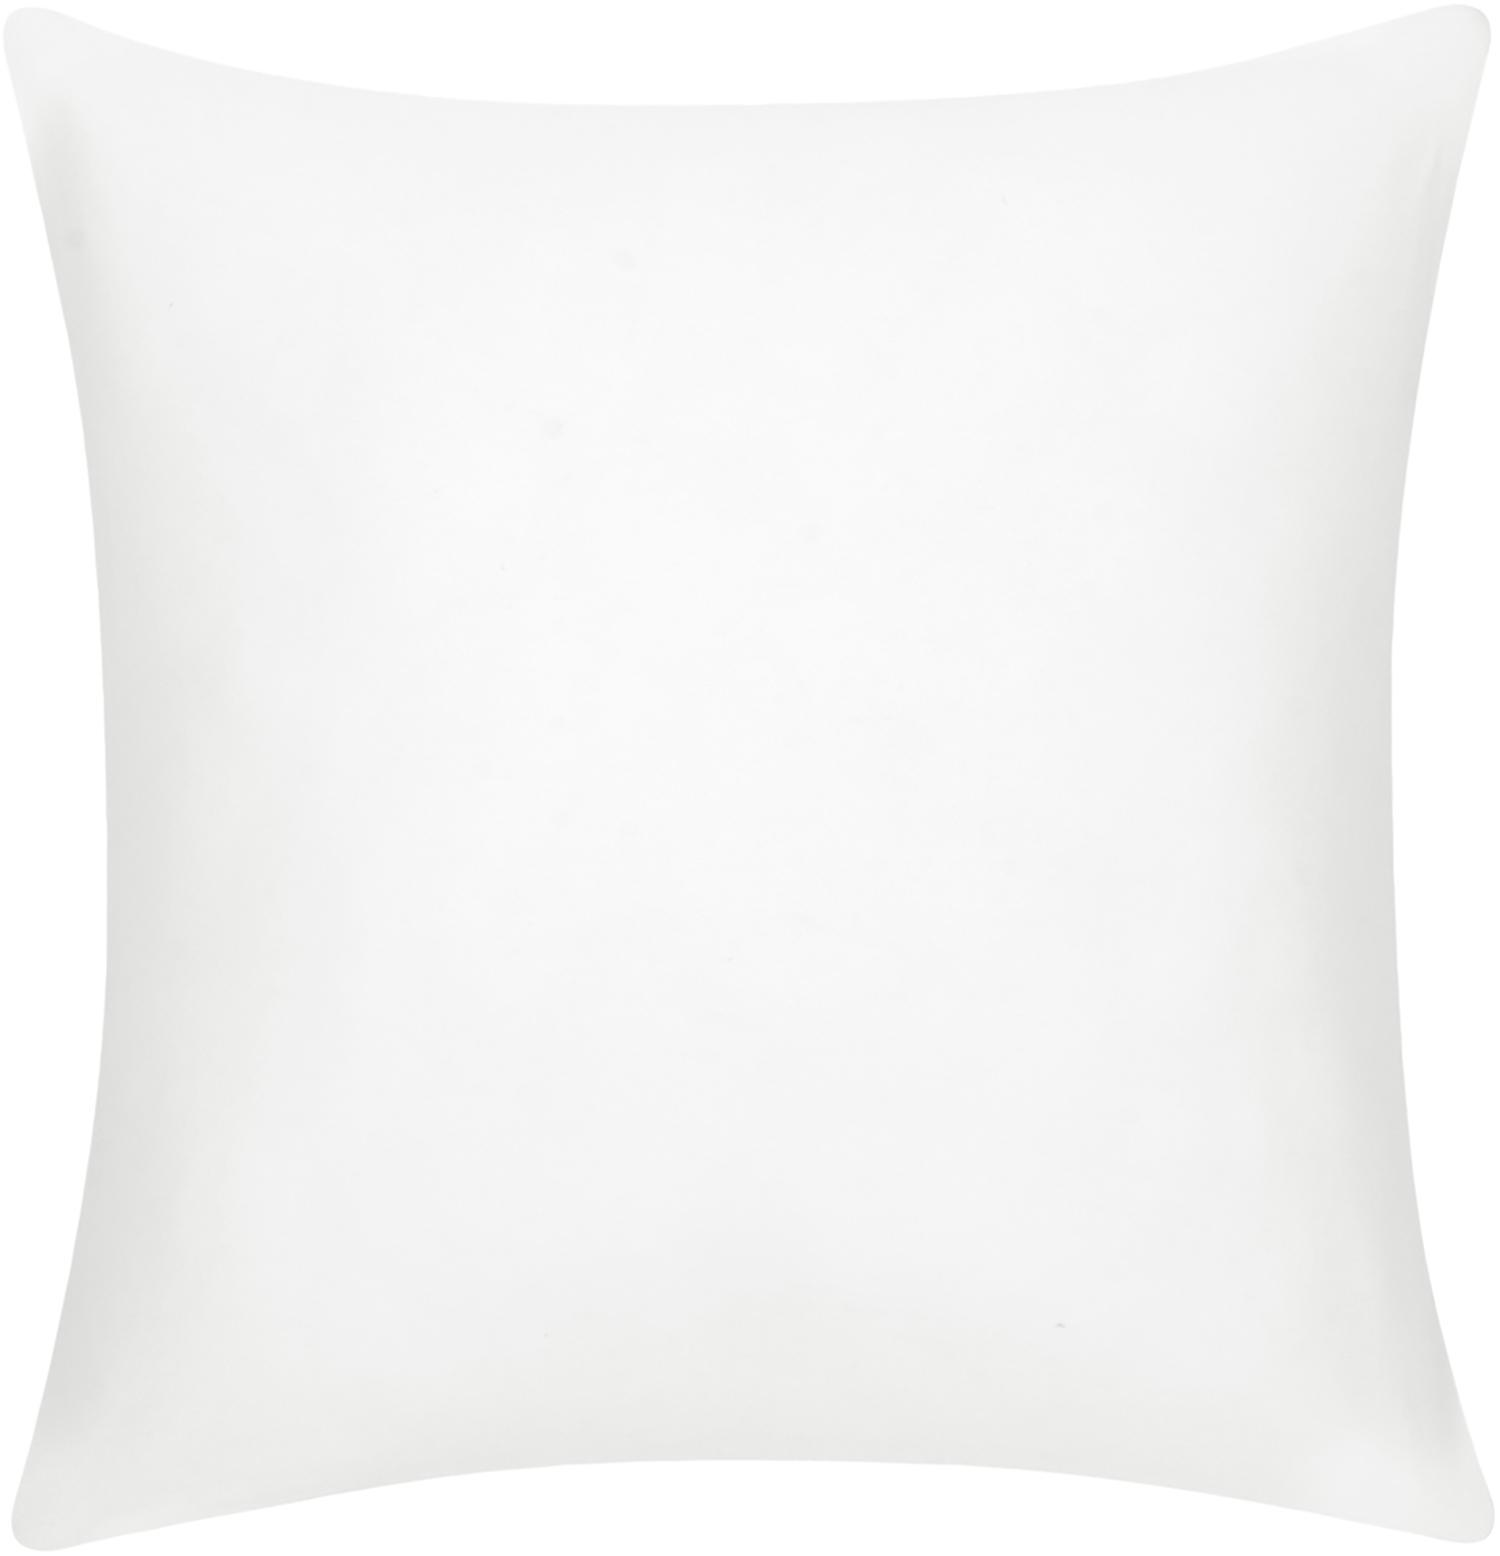 Poszewka na poduszkę Mads, 100% bawełna, Biały, S 40 x D 40 cm